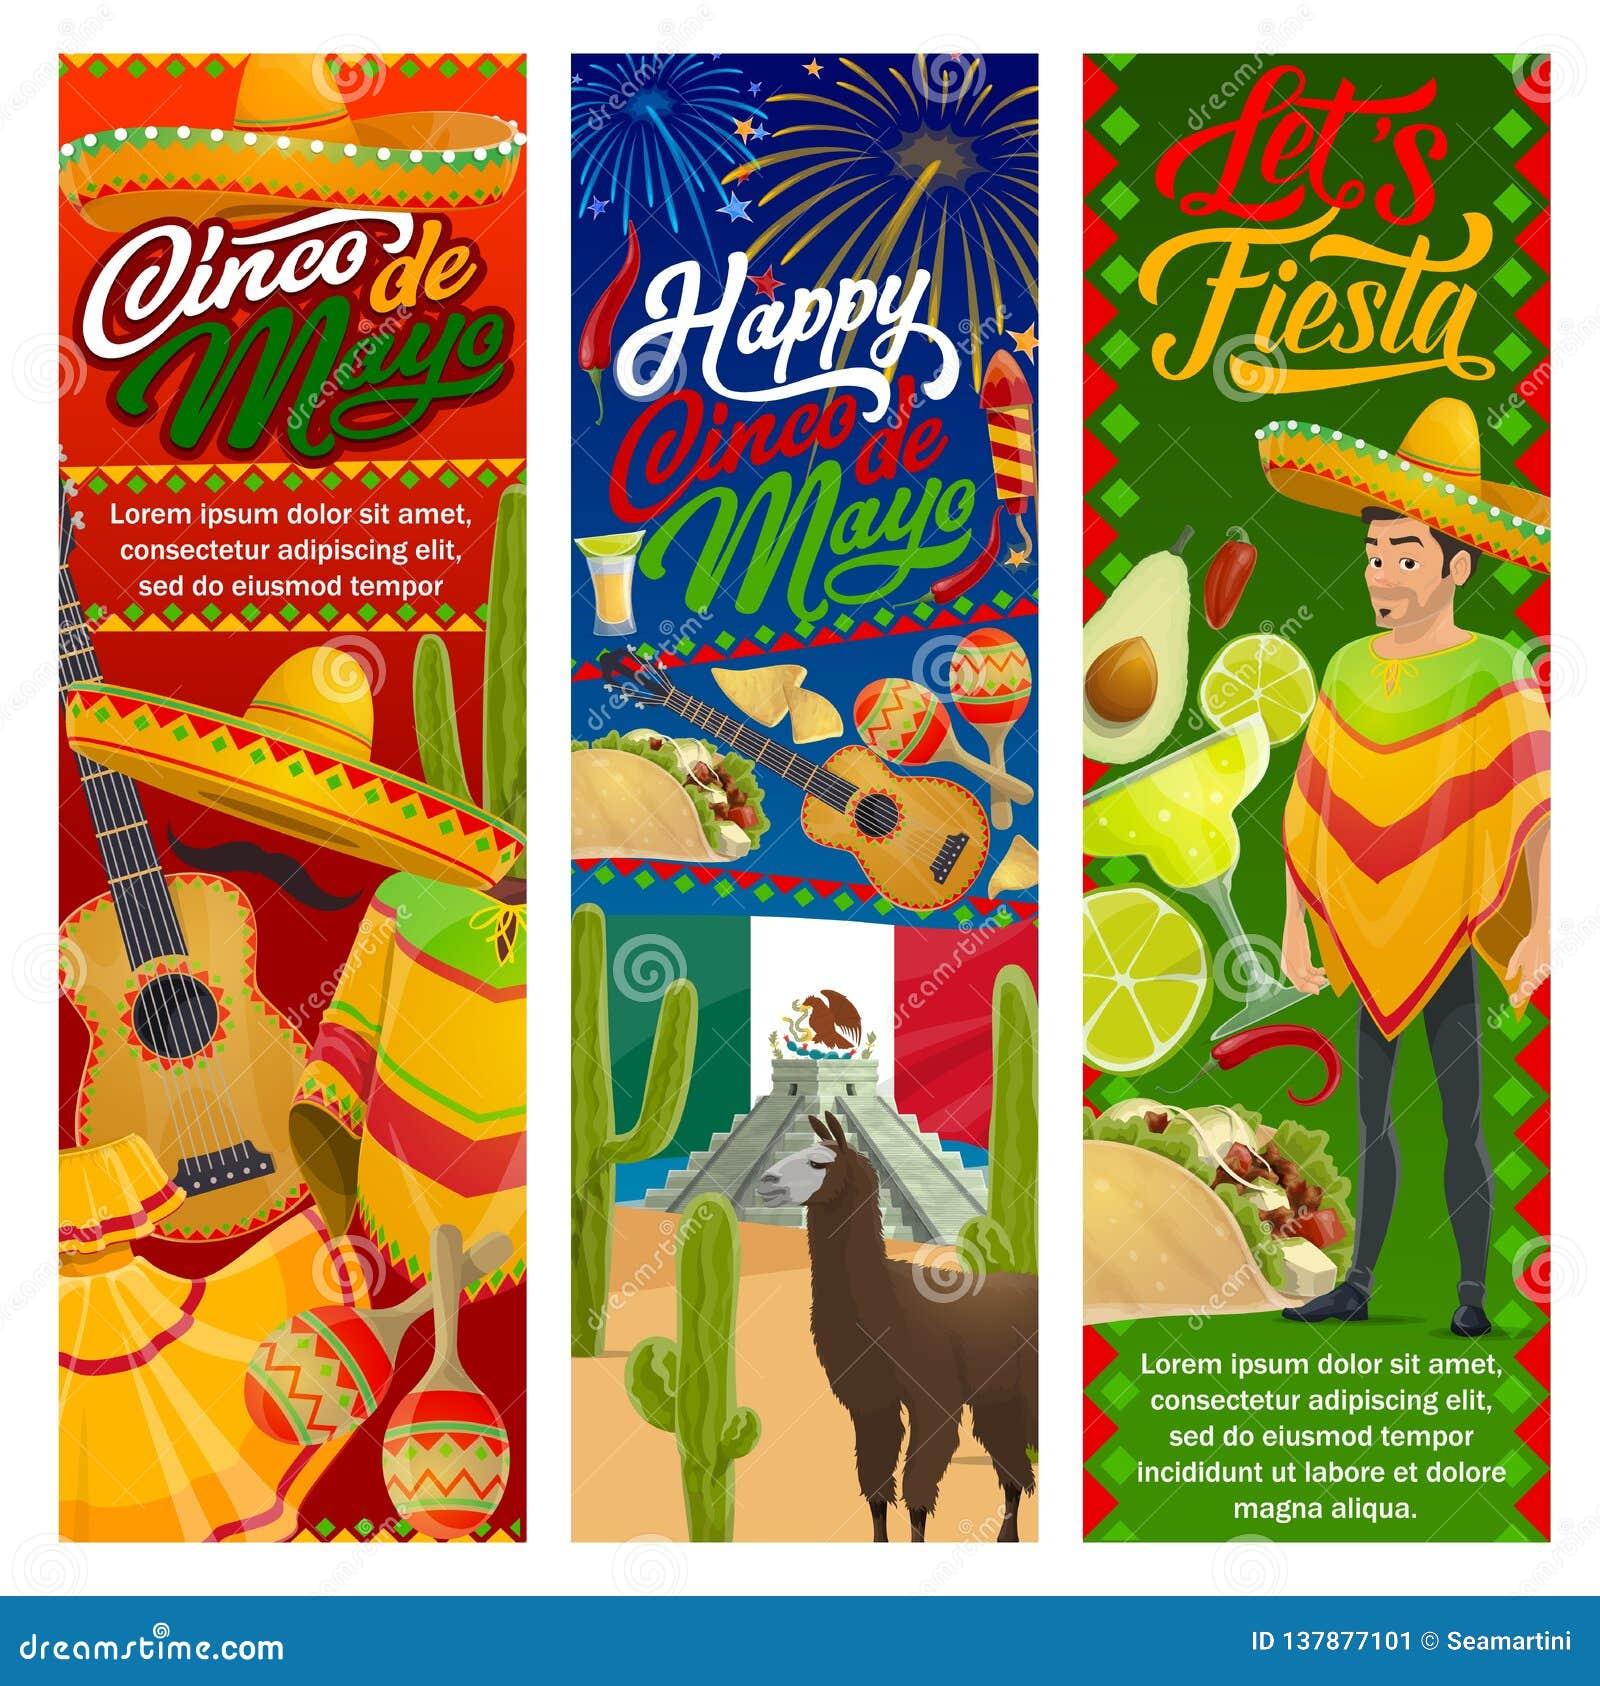 Mariachi del partido de la fiesta de Cinco de Mayo con diseño del vector  del sombrero y de la guitarra de día de fiesta mexicano Margarita del  Tequila bc6c274c5b4